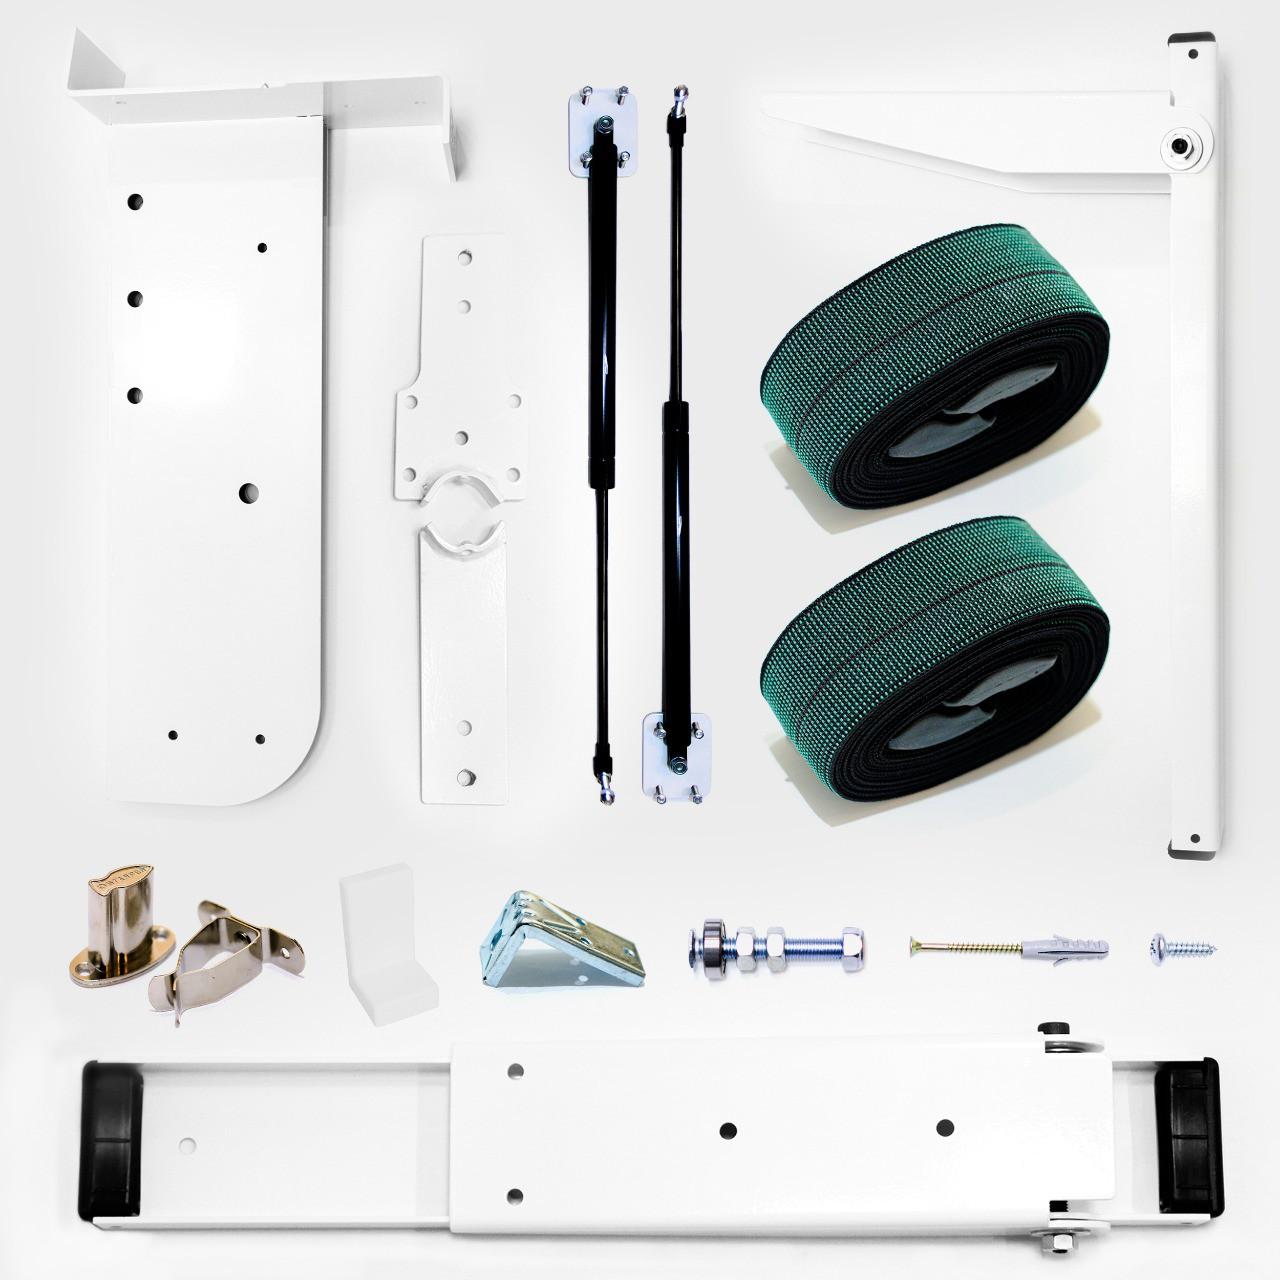 Kit de Ferragens Isobed - Cama Retrátil Casal Vertical - Linha New White